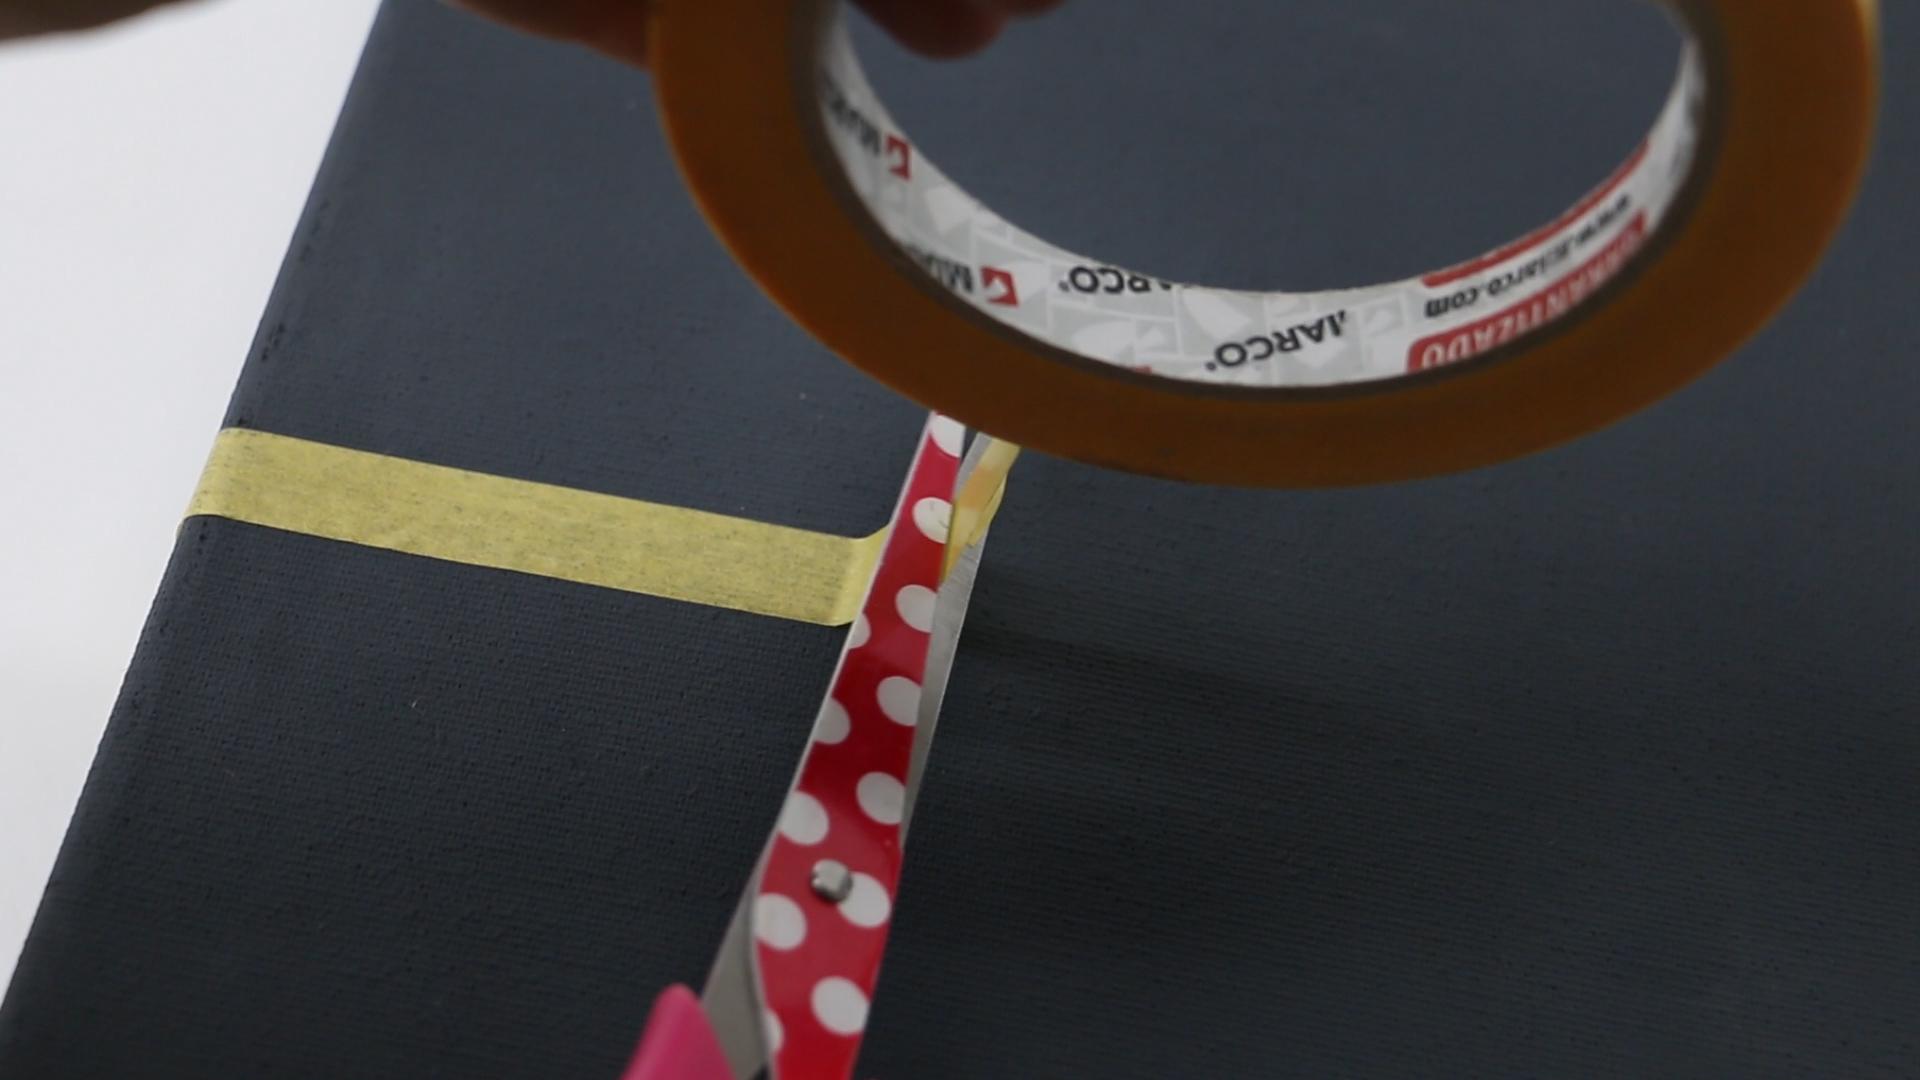 DIY CUADRO SKYLINE CON WASHI Y LIJAS.Imagen fija019